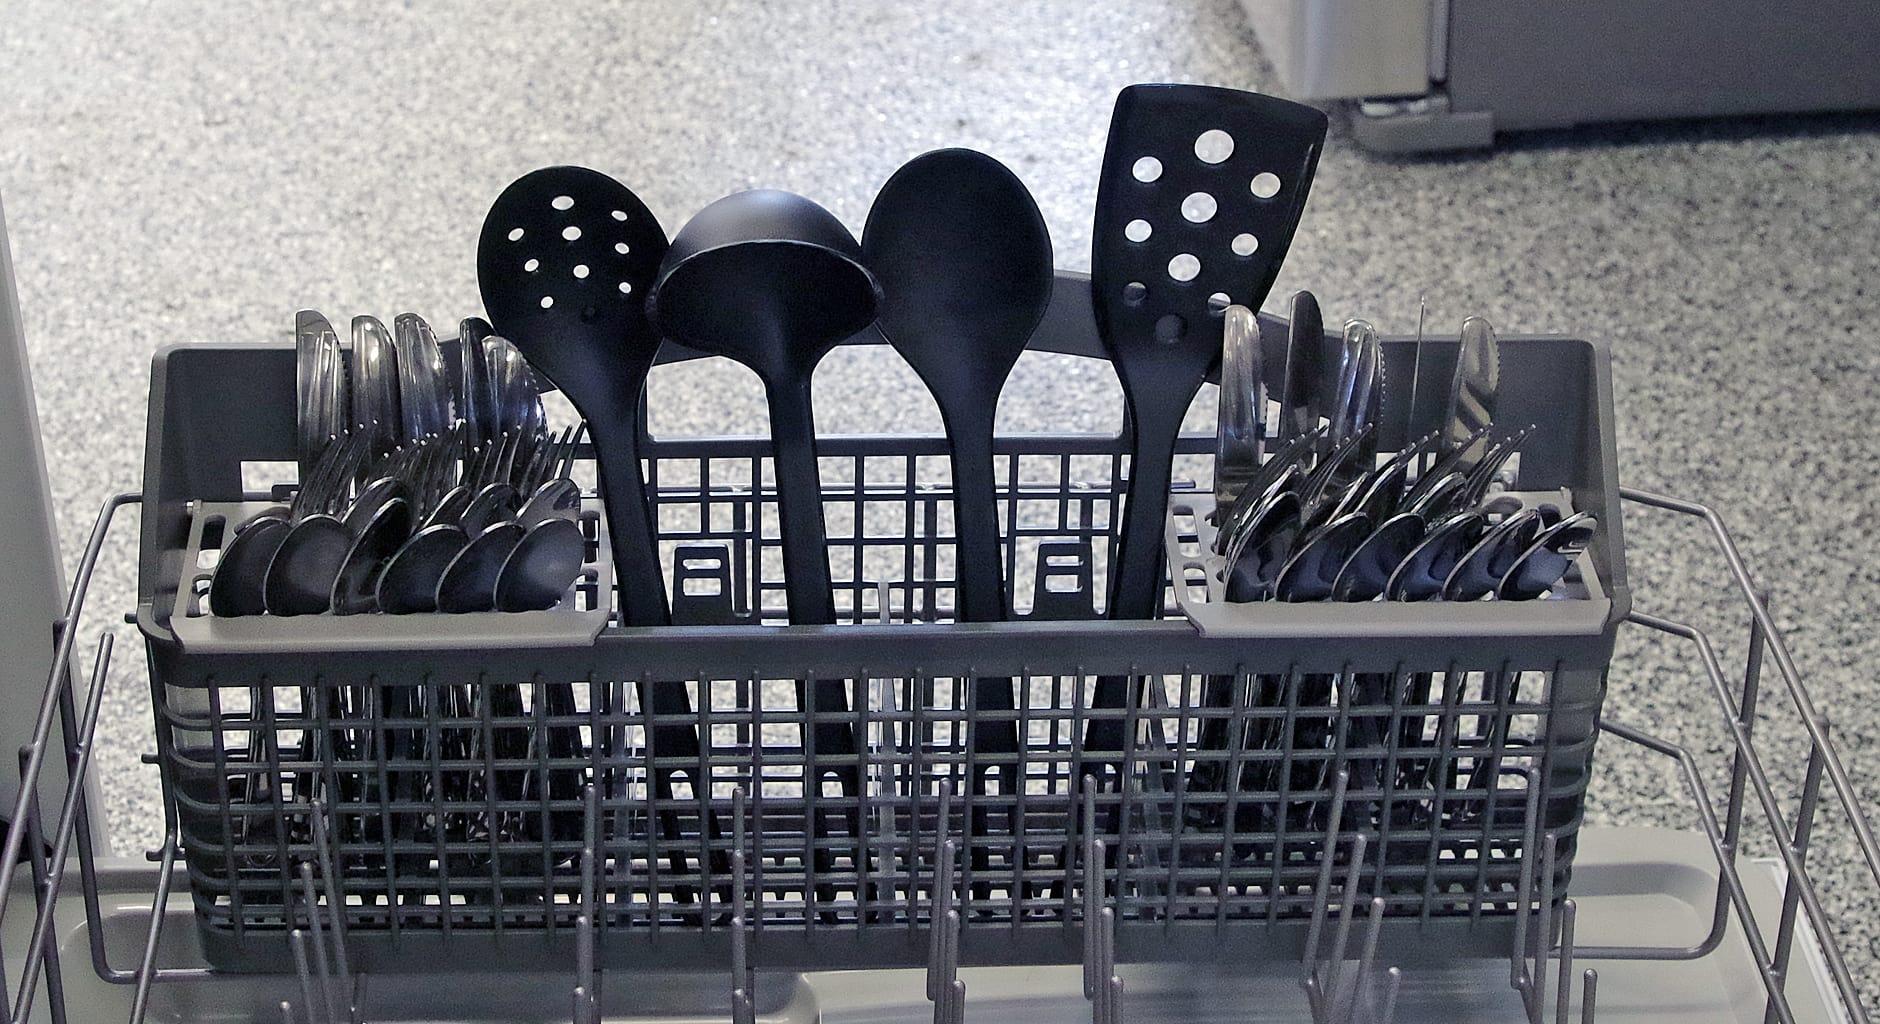 Kenmore 13042 cutlery capacity